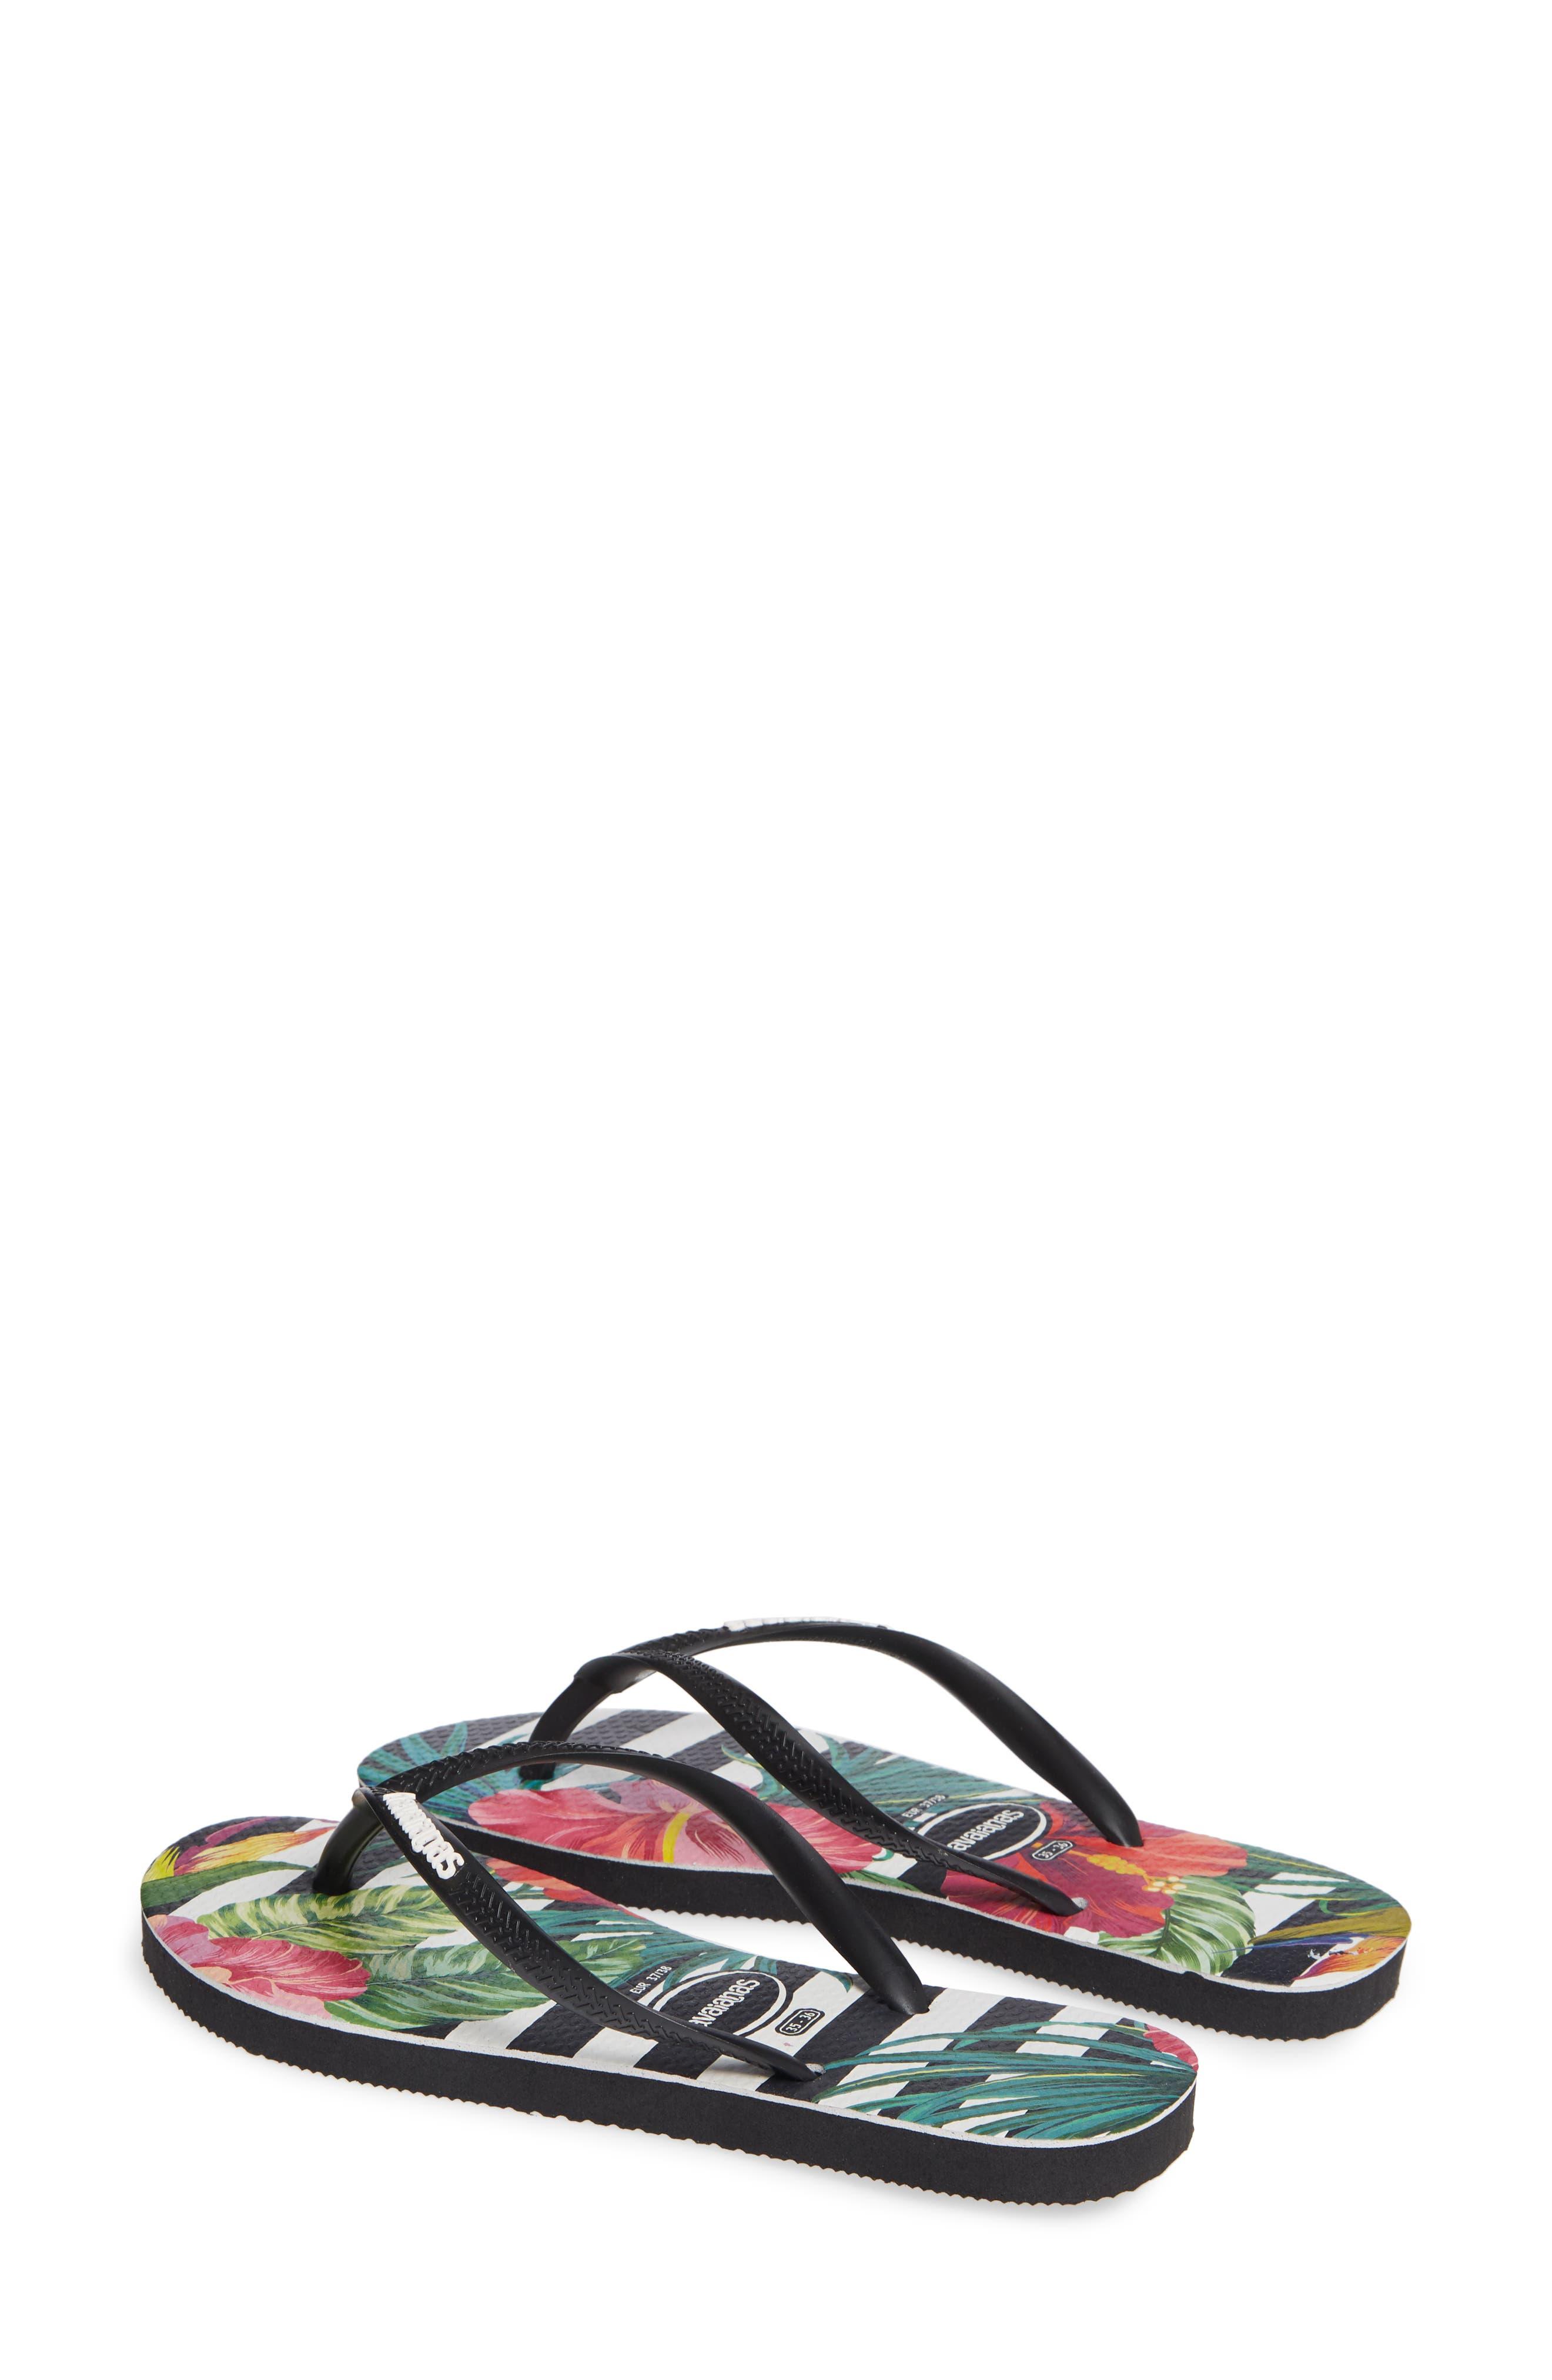 HAVAIANAS, Slim Tropical Floral Flip Flop, Alternate thumbnail 3, color, BLACK/ WHITE